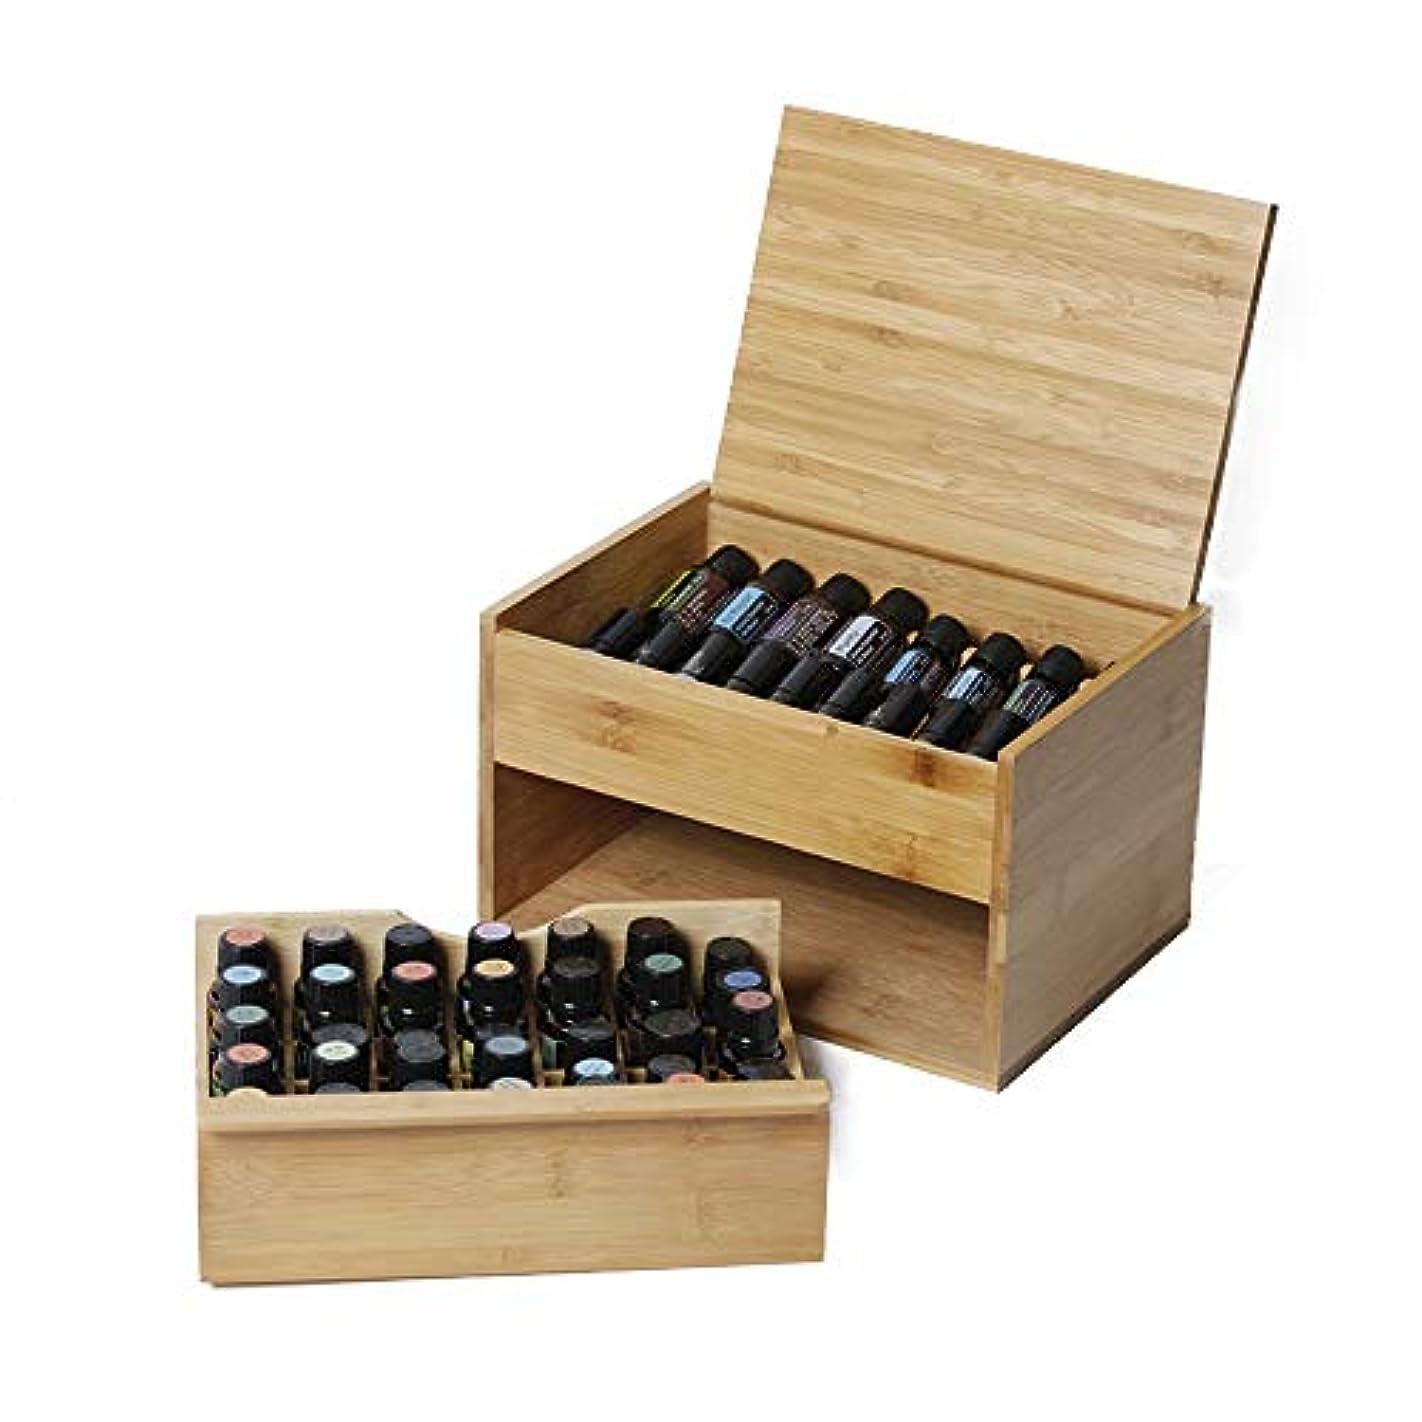 仮定不毛のジュース2ティアエッセンシャルオイルストレージボックス主催者は53の5?15ミリリットル油のボトルを保持します アロマセラピー製品 (色 : Natural, サイズ : 26.3X18.8X16CM)